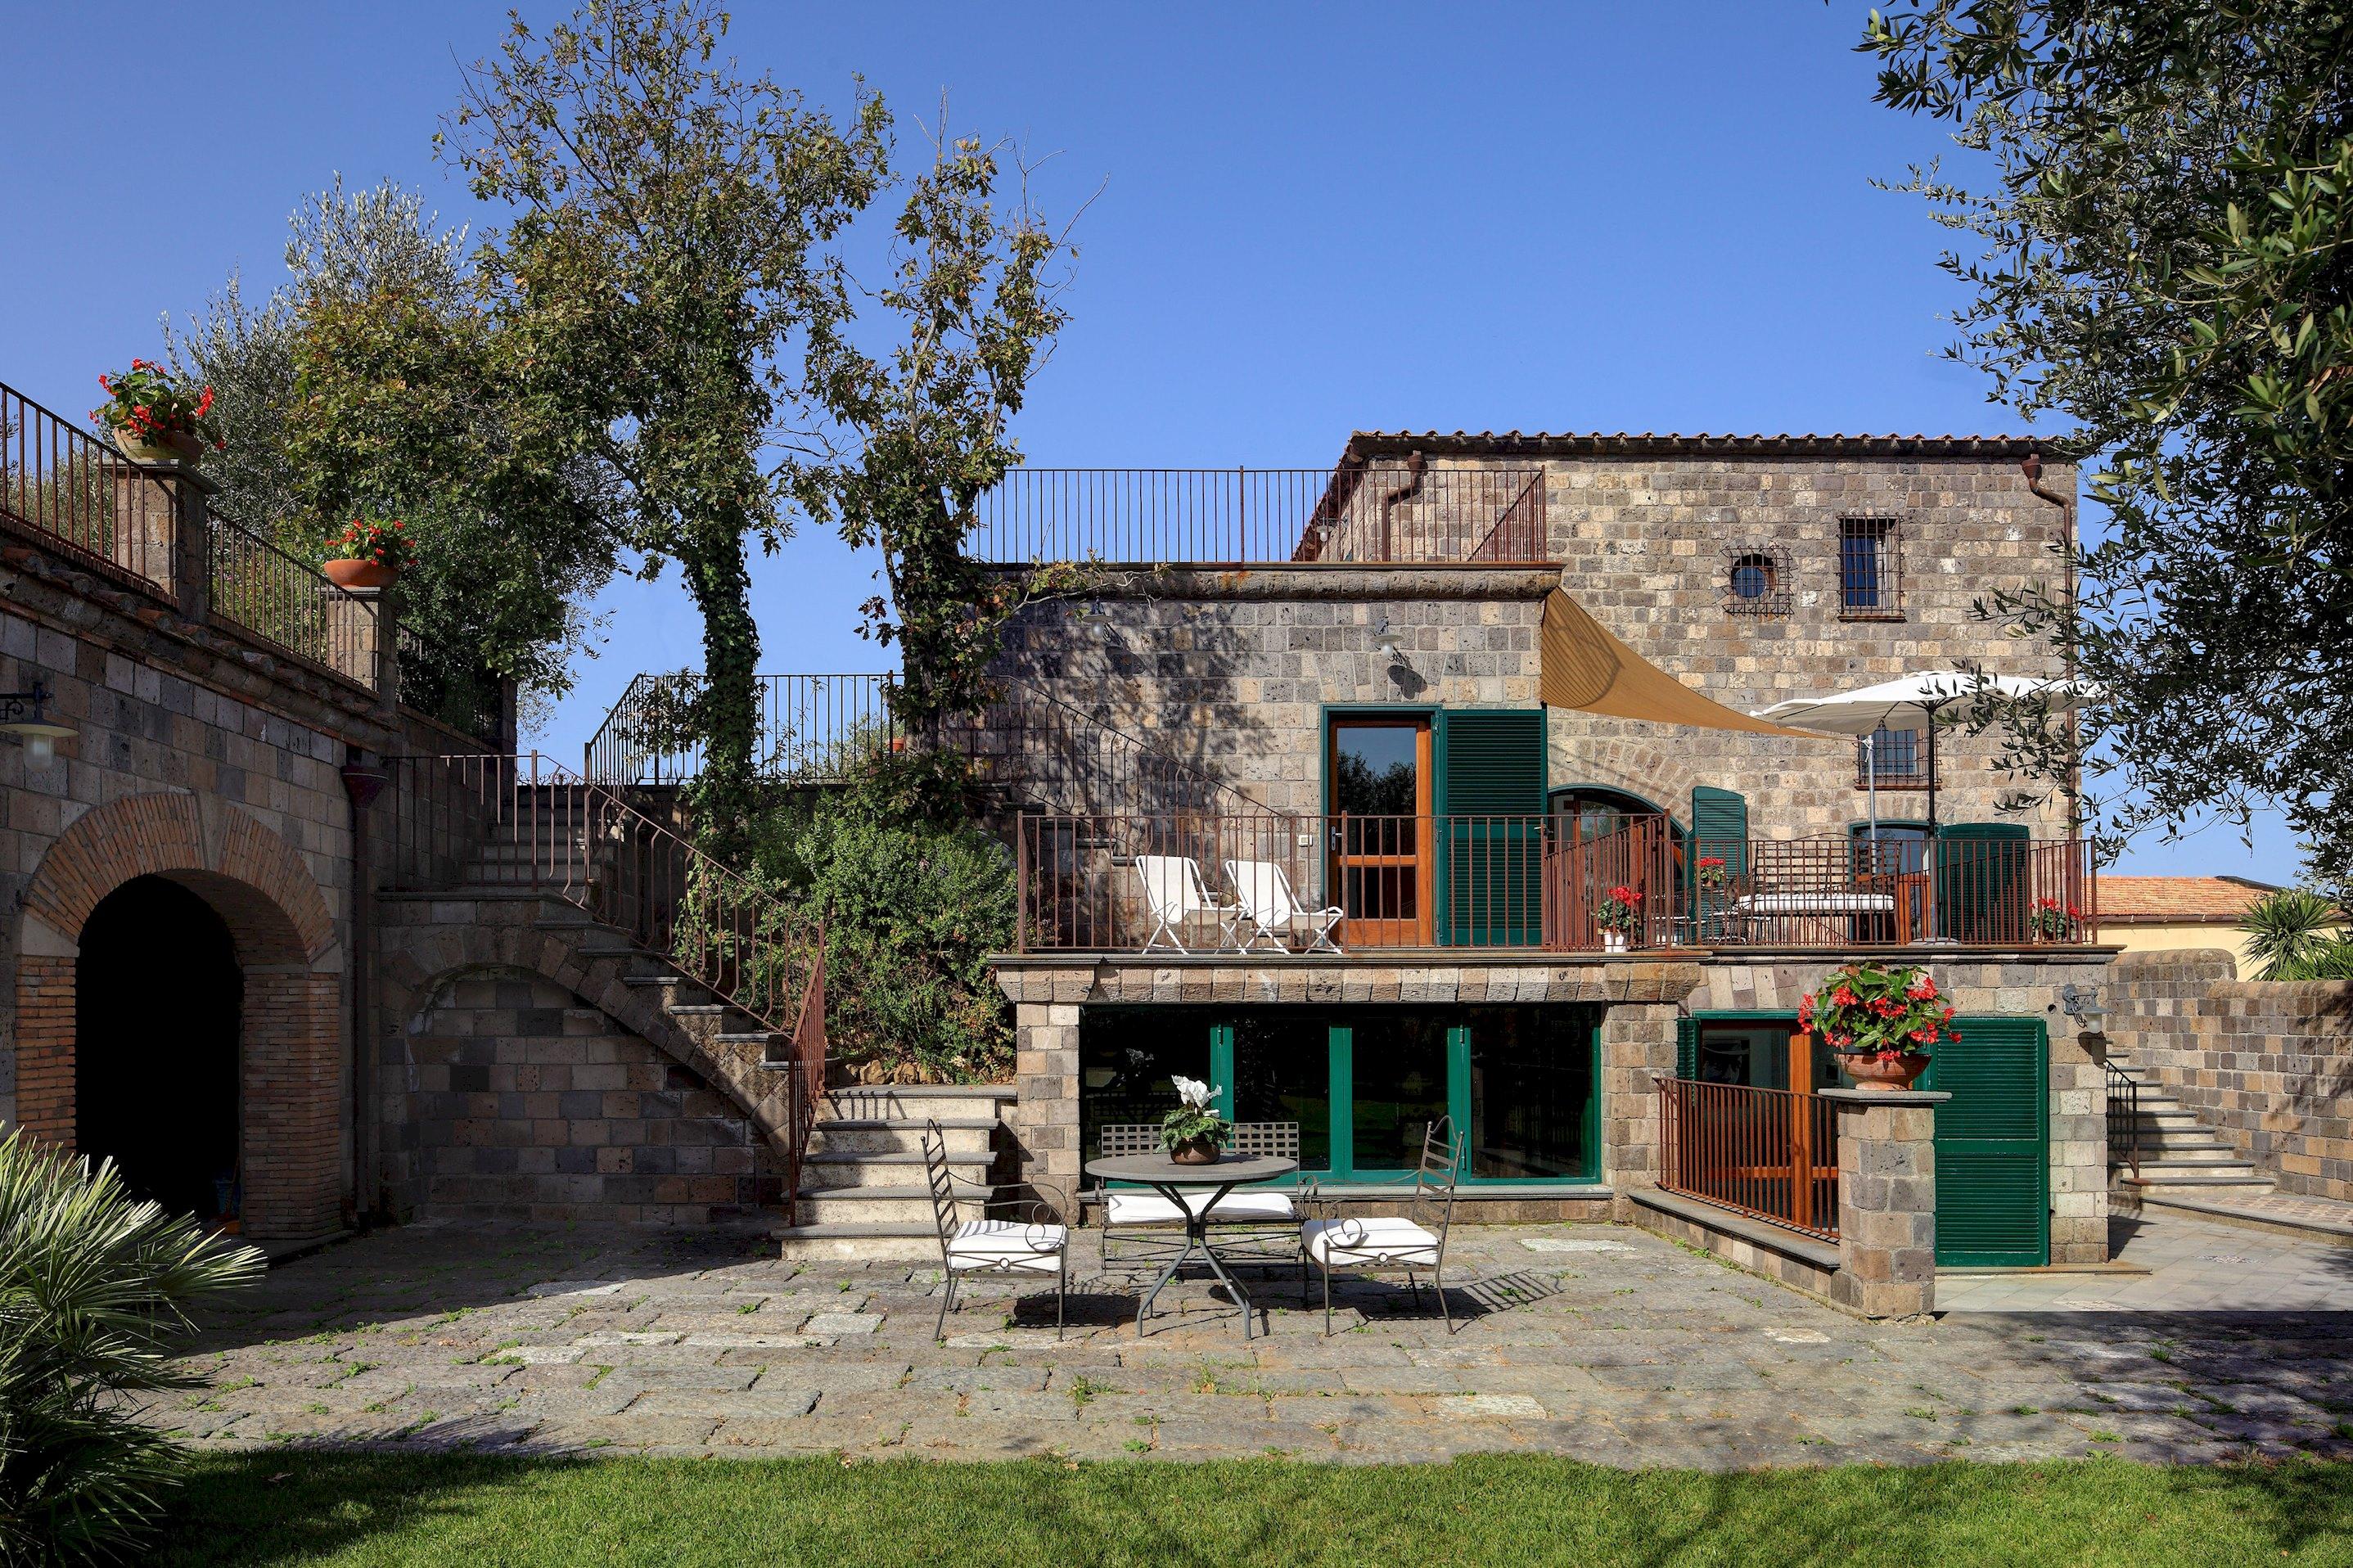 Apartment Villa Vesuvio - Luxury and Beauty photo 25033398